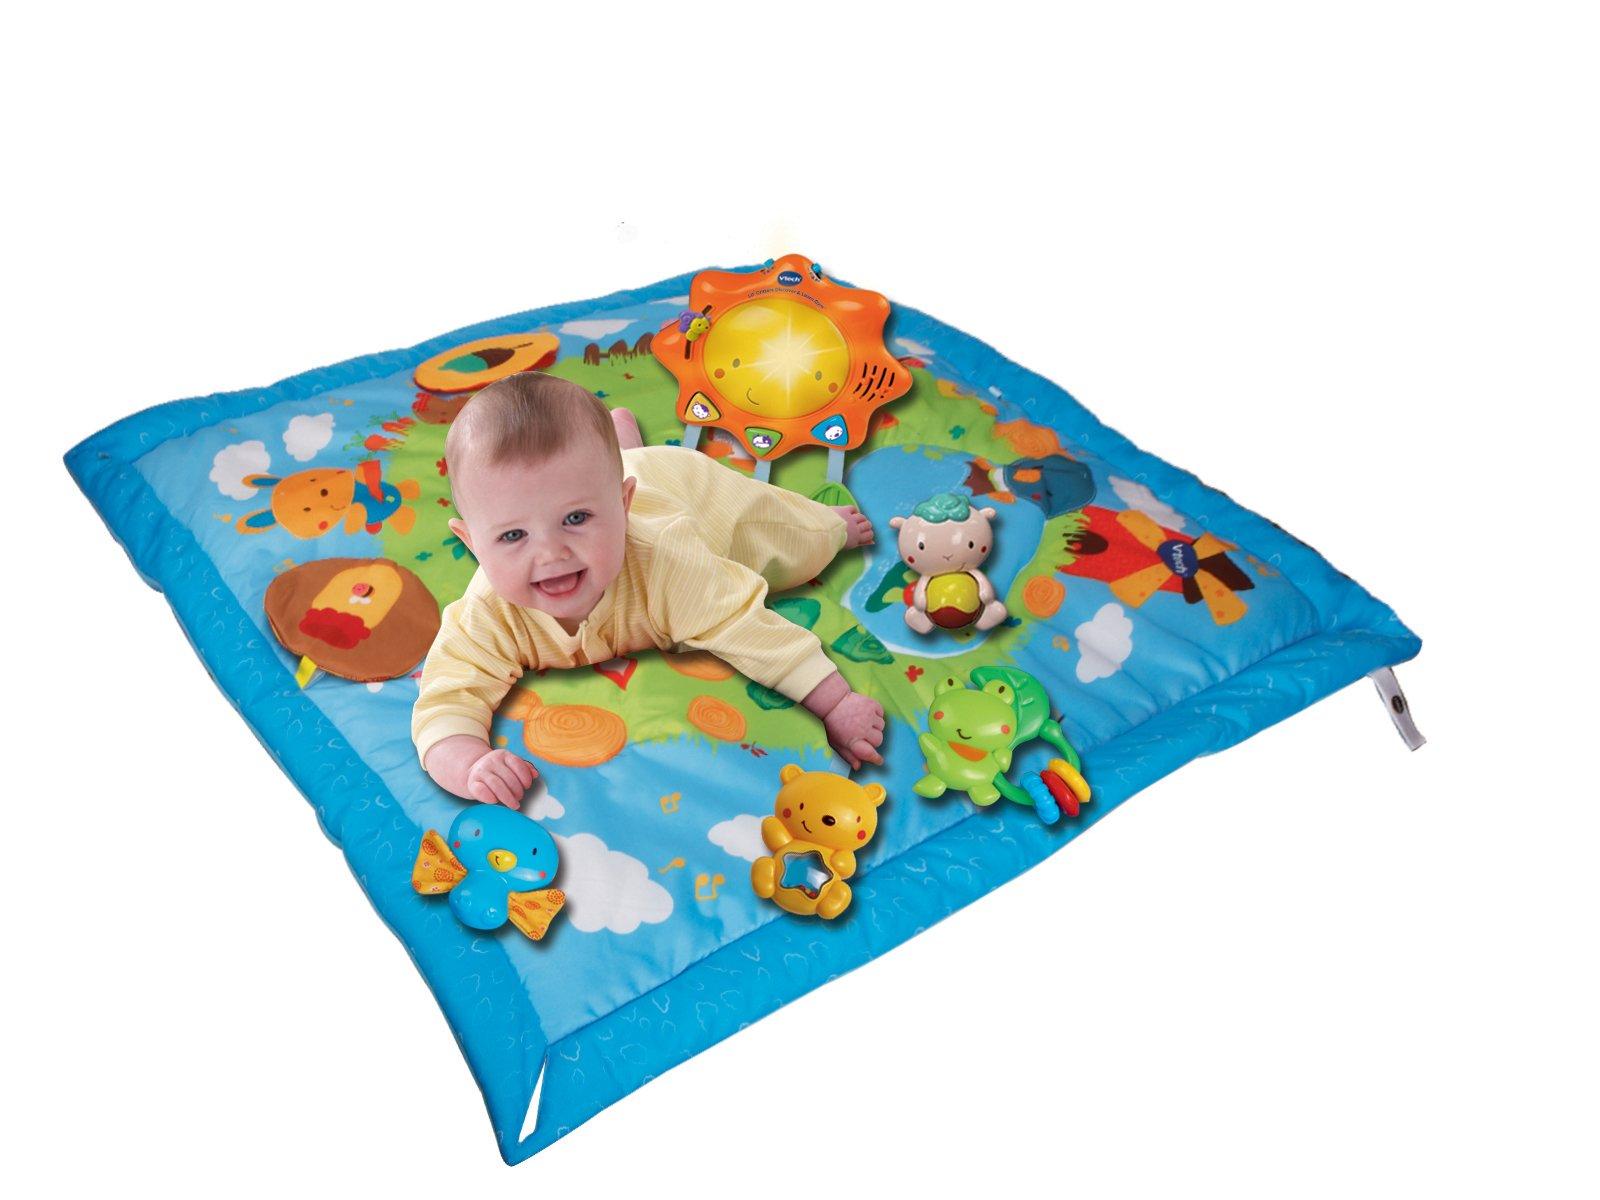 Centro de actividades VTech Baby diversión asegurada